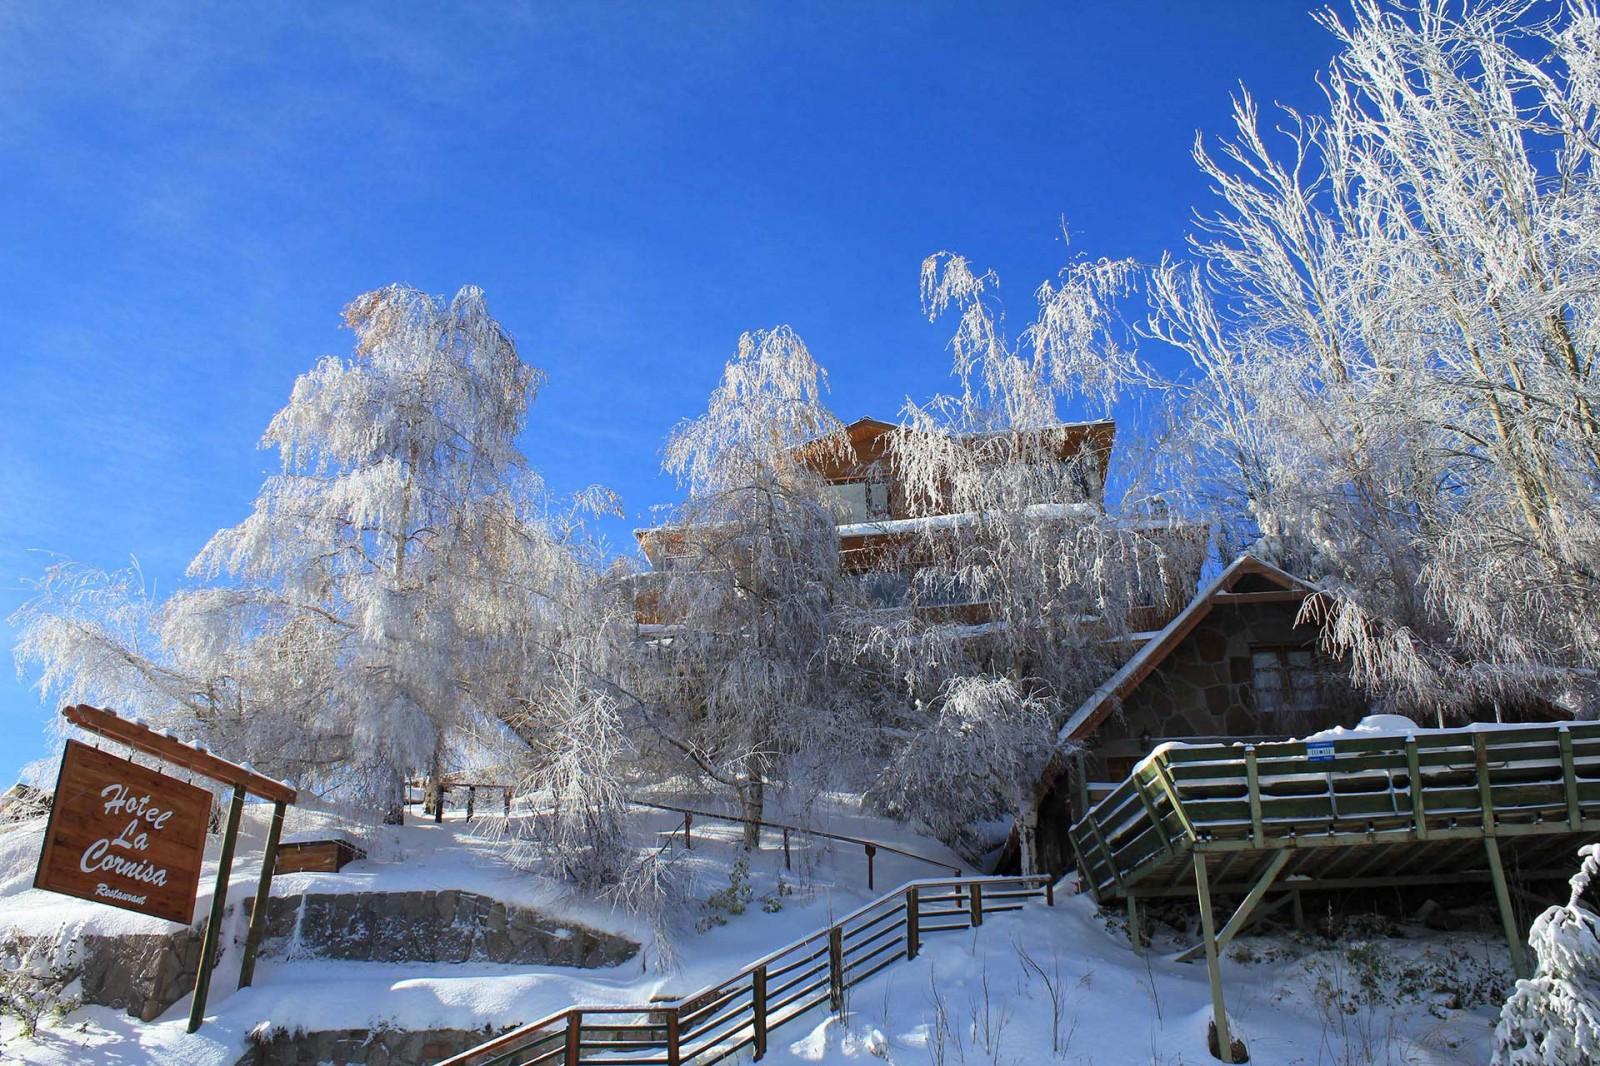 el colorado rates and information: ski season chile